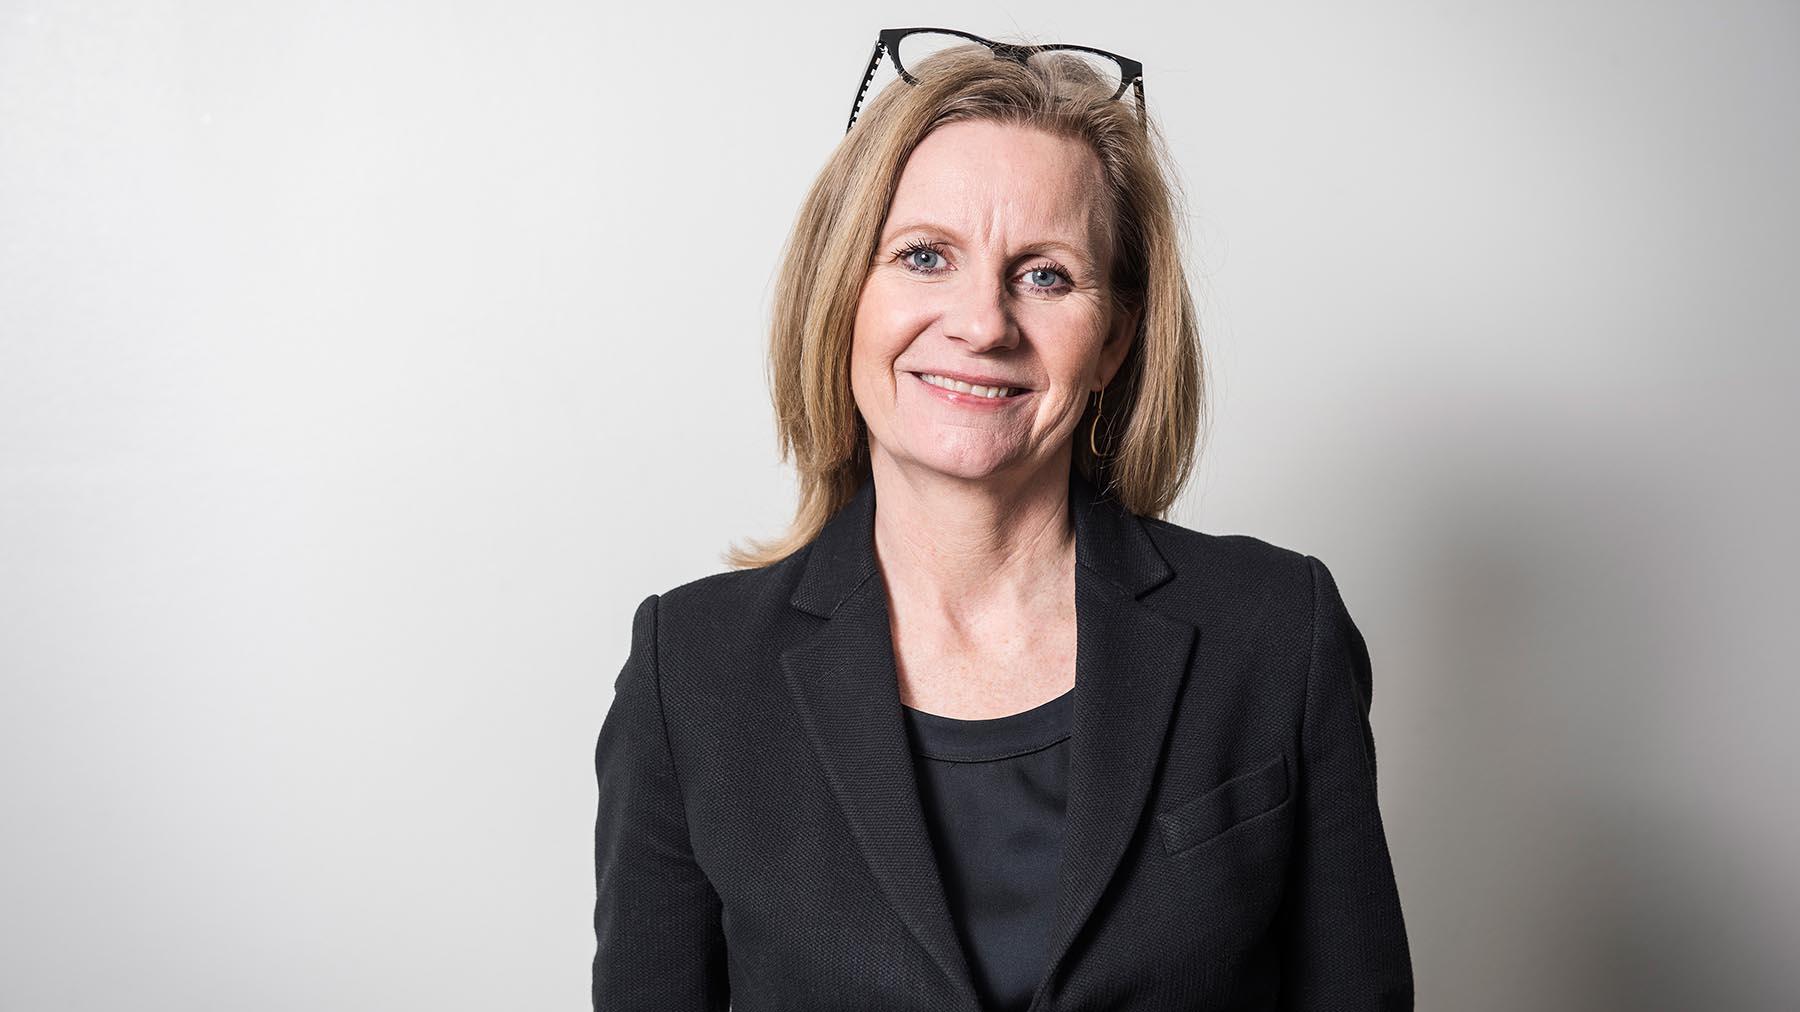 Microsoft Swedens vd Hélène Barnekow.